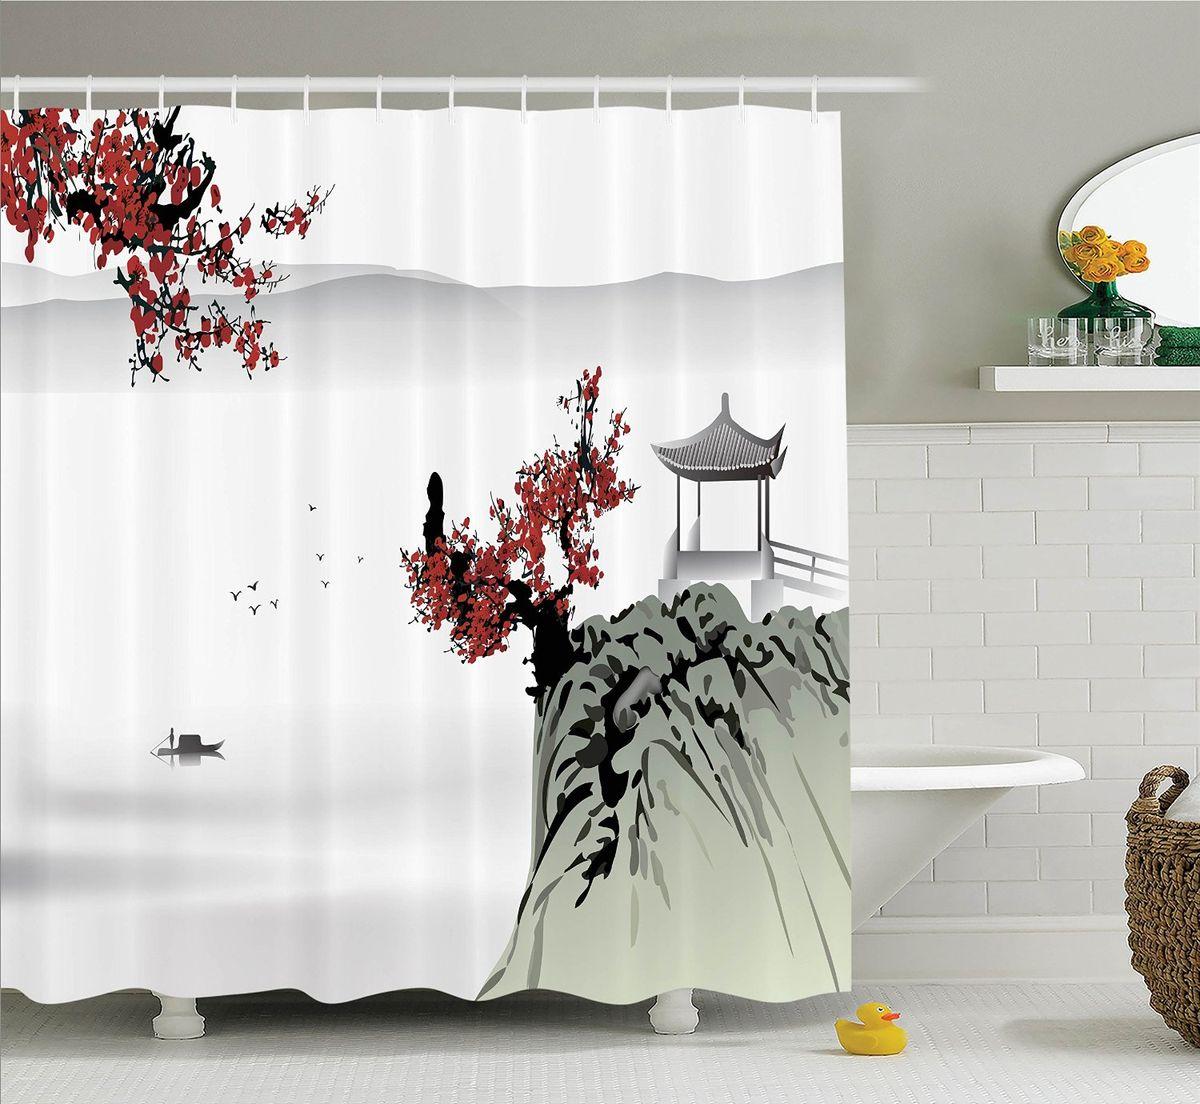 Штора для ванной комнаты Magic Lady Сакура и беседка на горе, 180 х 200 смшв_15813Штора Magic Lady Сакура и беседка на горе, изготовленная из высококачественного сатена (полиэстер 100%), отлично дополнит любой интерьер ванной комнаты. При изготовлении используются специальные гипоаллергенные чернила для прямой печати по ткани, безопасные для человека. В комплекте: 1 штора, 12 крючков. Обращаем ваше внимание, фактический цвет изделия может незначительно отличаться от представленного на фото.